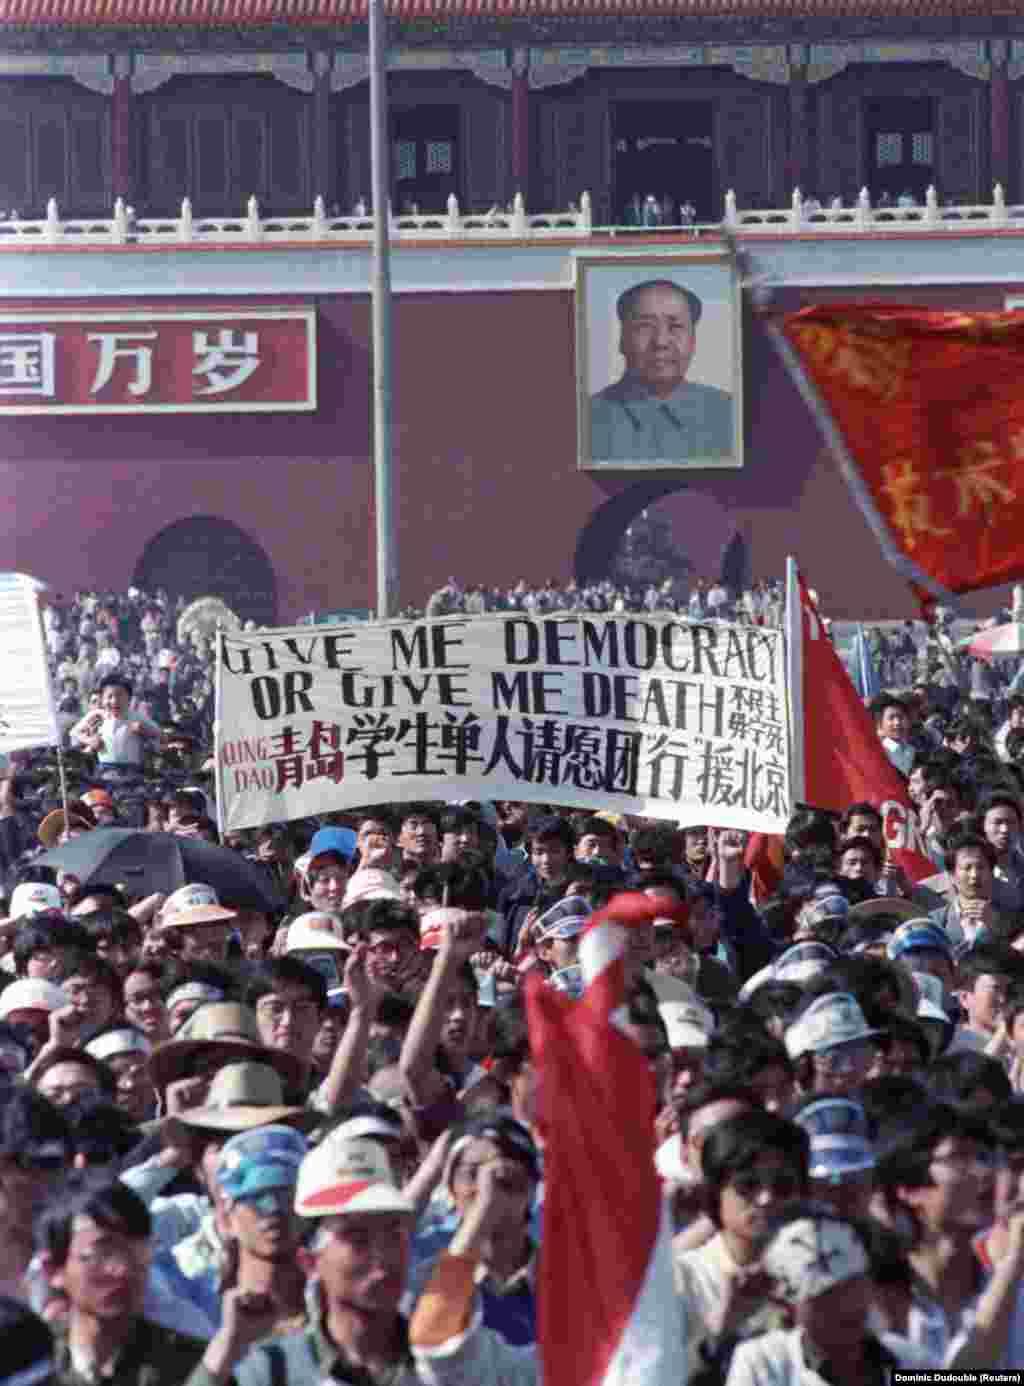 """""""Adj demokráciát vagy halált!"""" - volt olvasható a diákok transzparensén."""